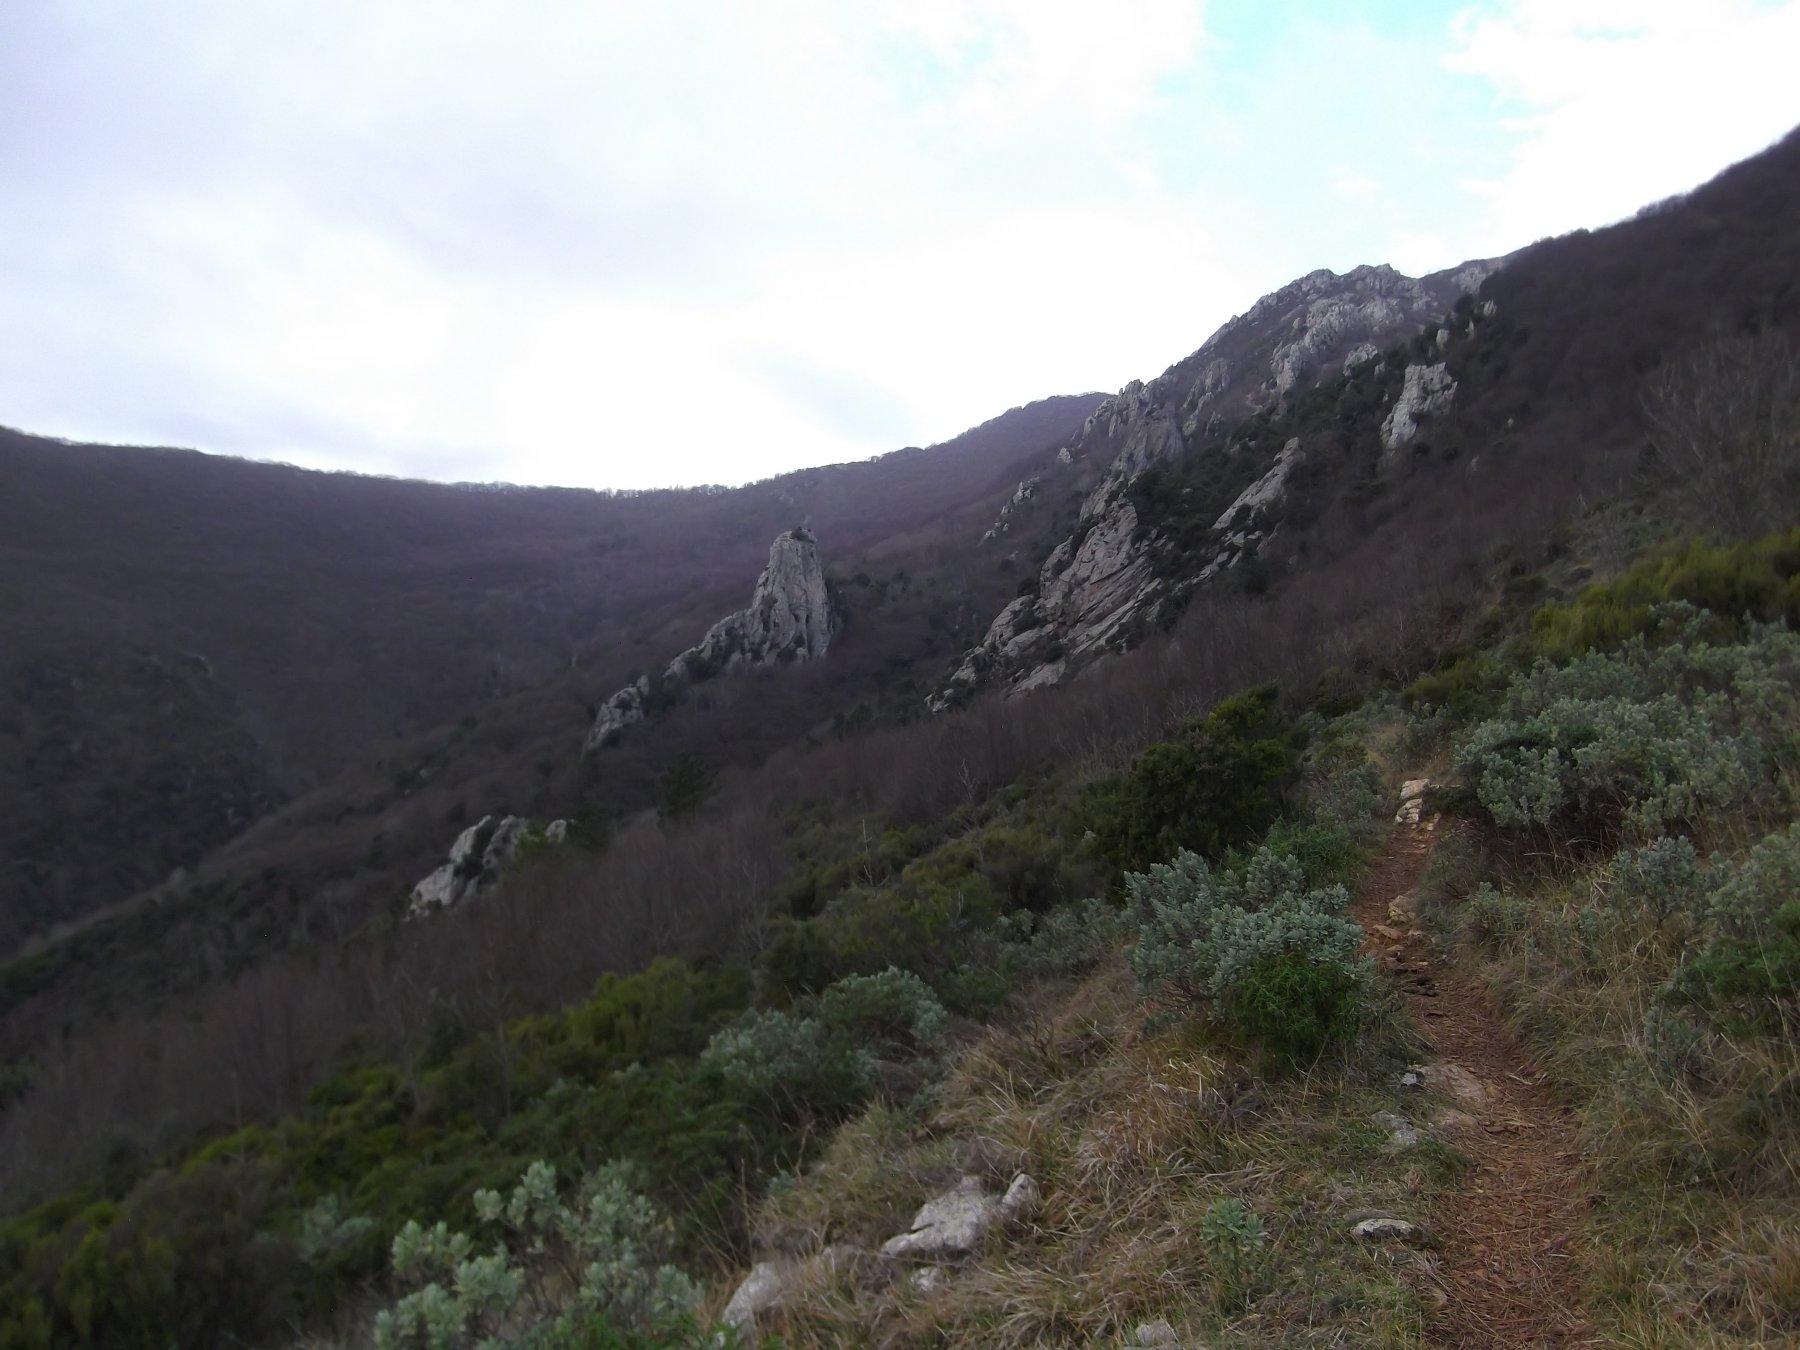 verso il Terre Alte con la Rocca dell'Aia in centro.